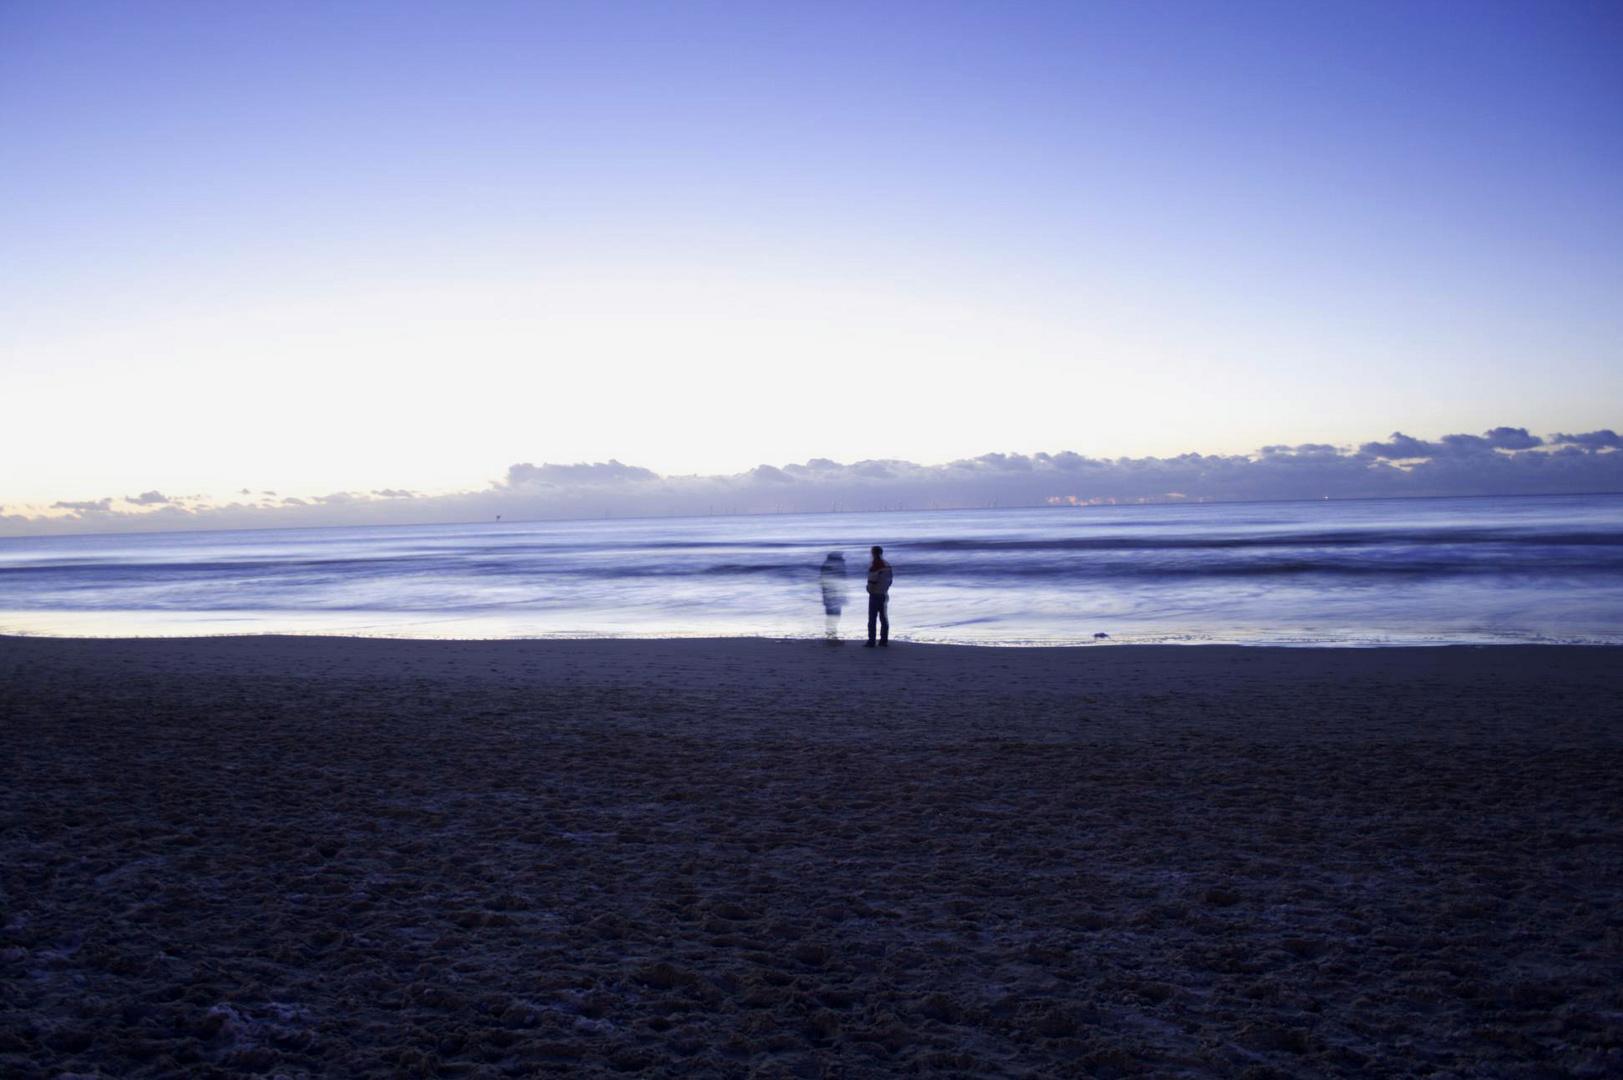 Meeting a Ghost on a frozen Beach